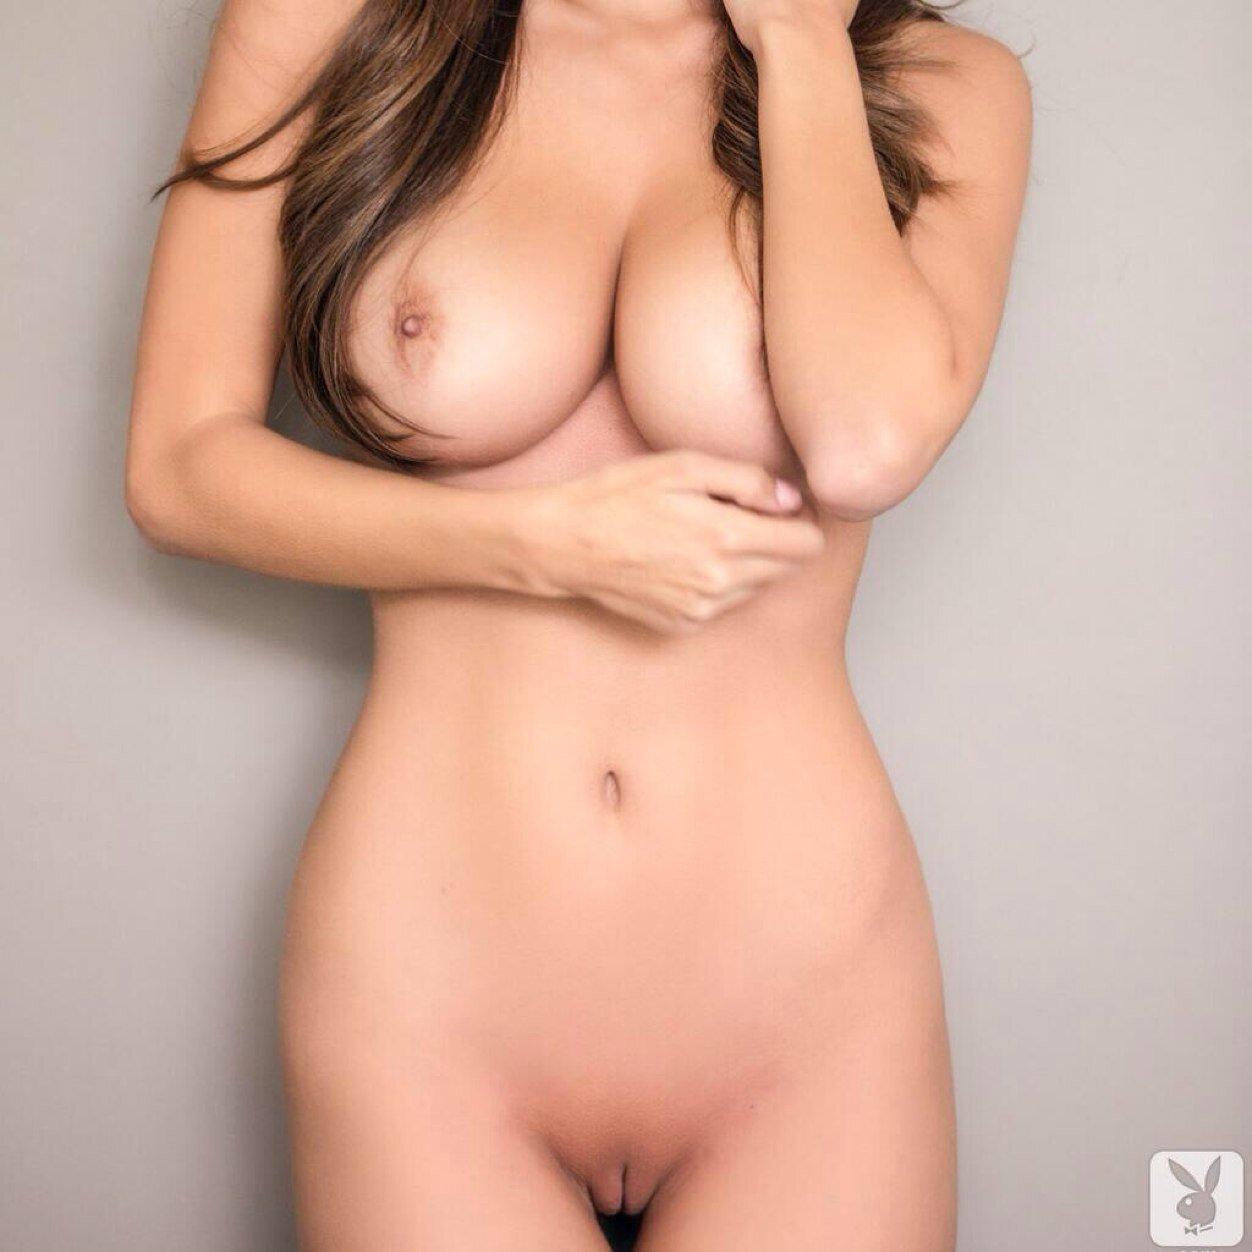 ver fotos de mujeres desnudas